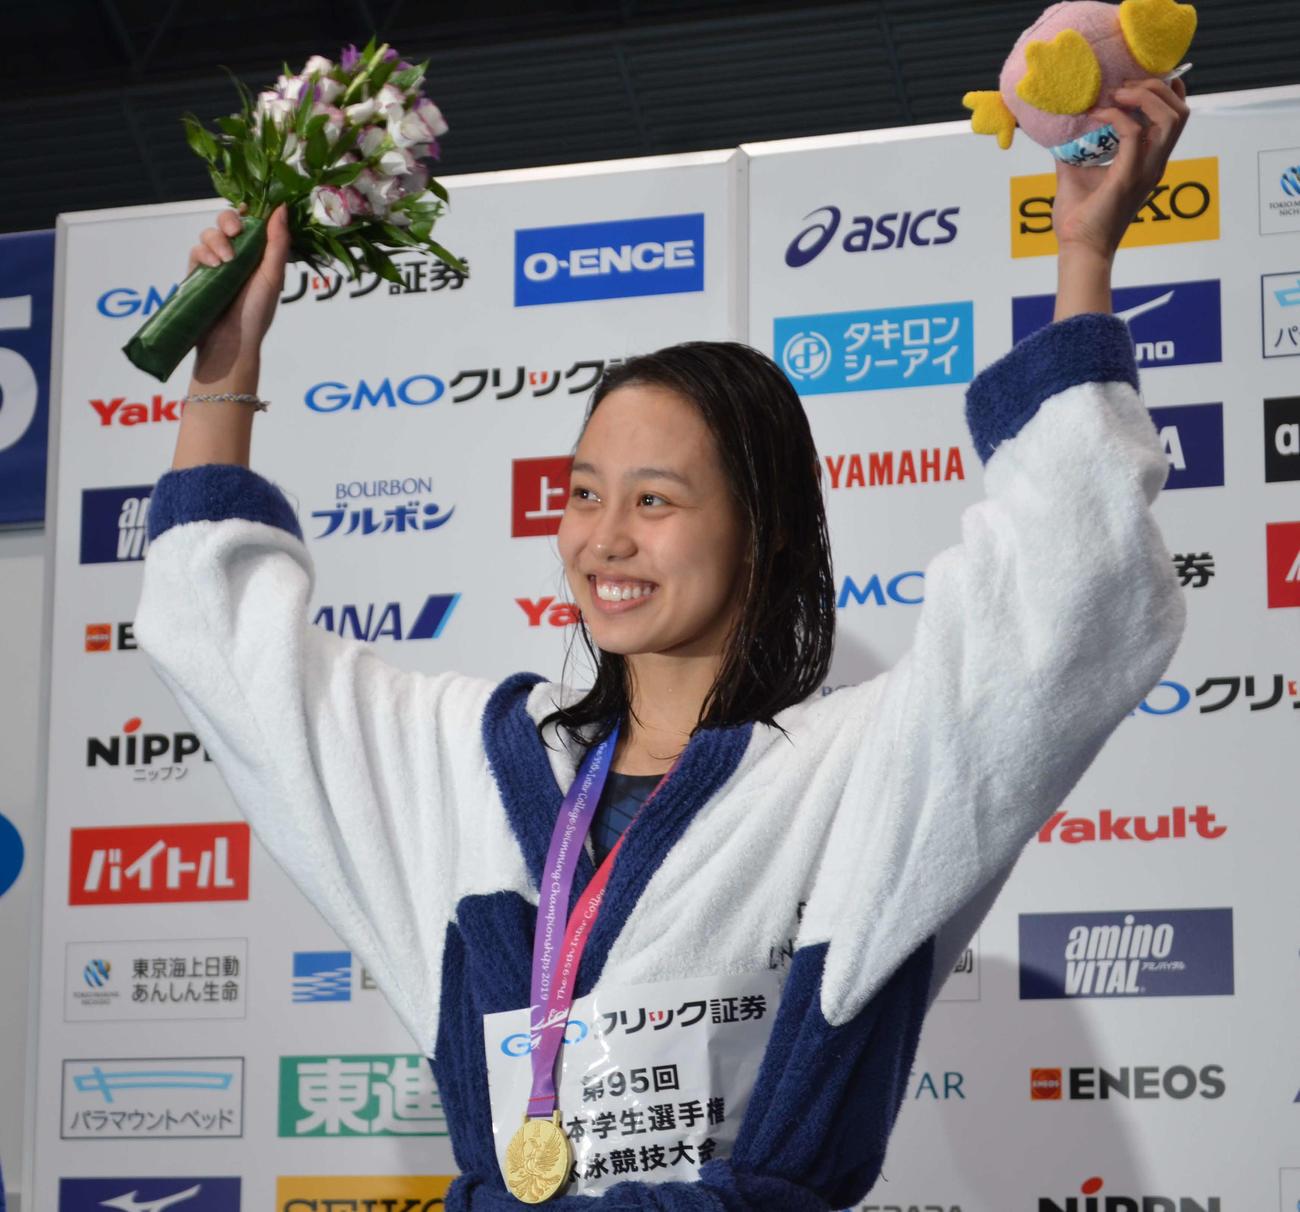 今井月が200個メ初v けっこう体がきつかった 水泳 日刊スポーツ